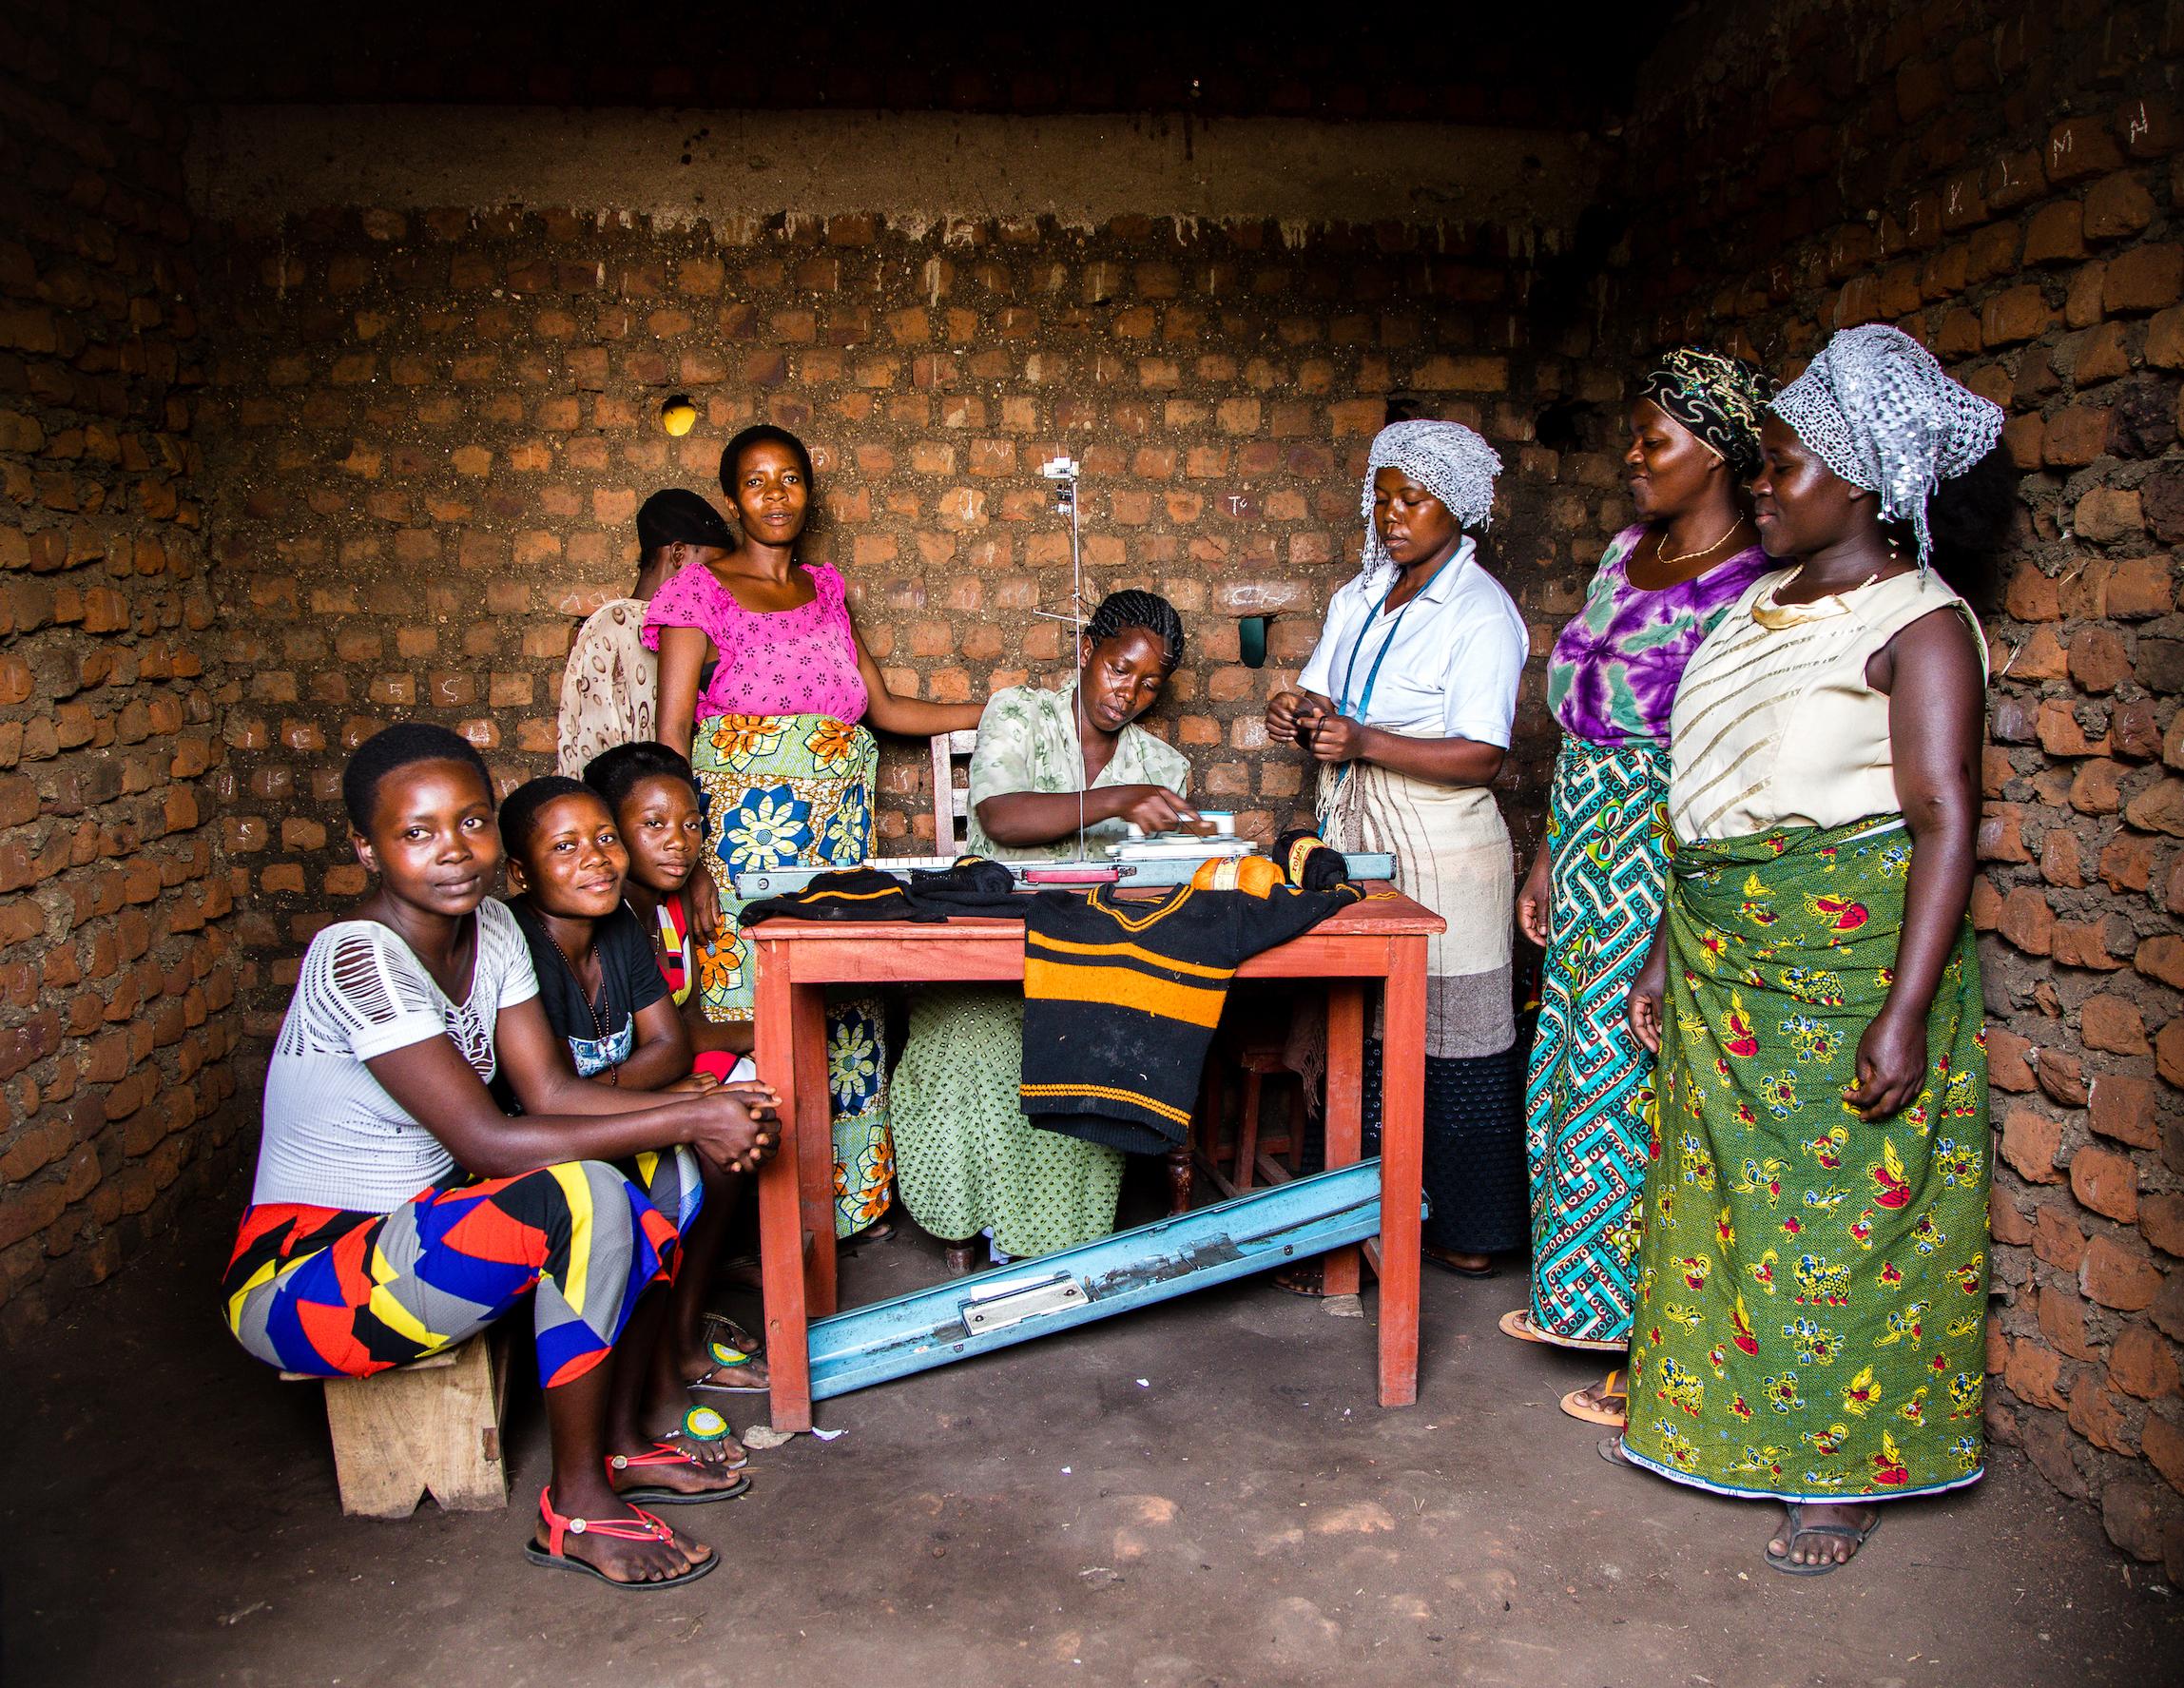 deki microfinance trvst image 2